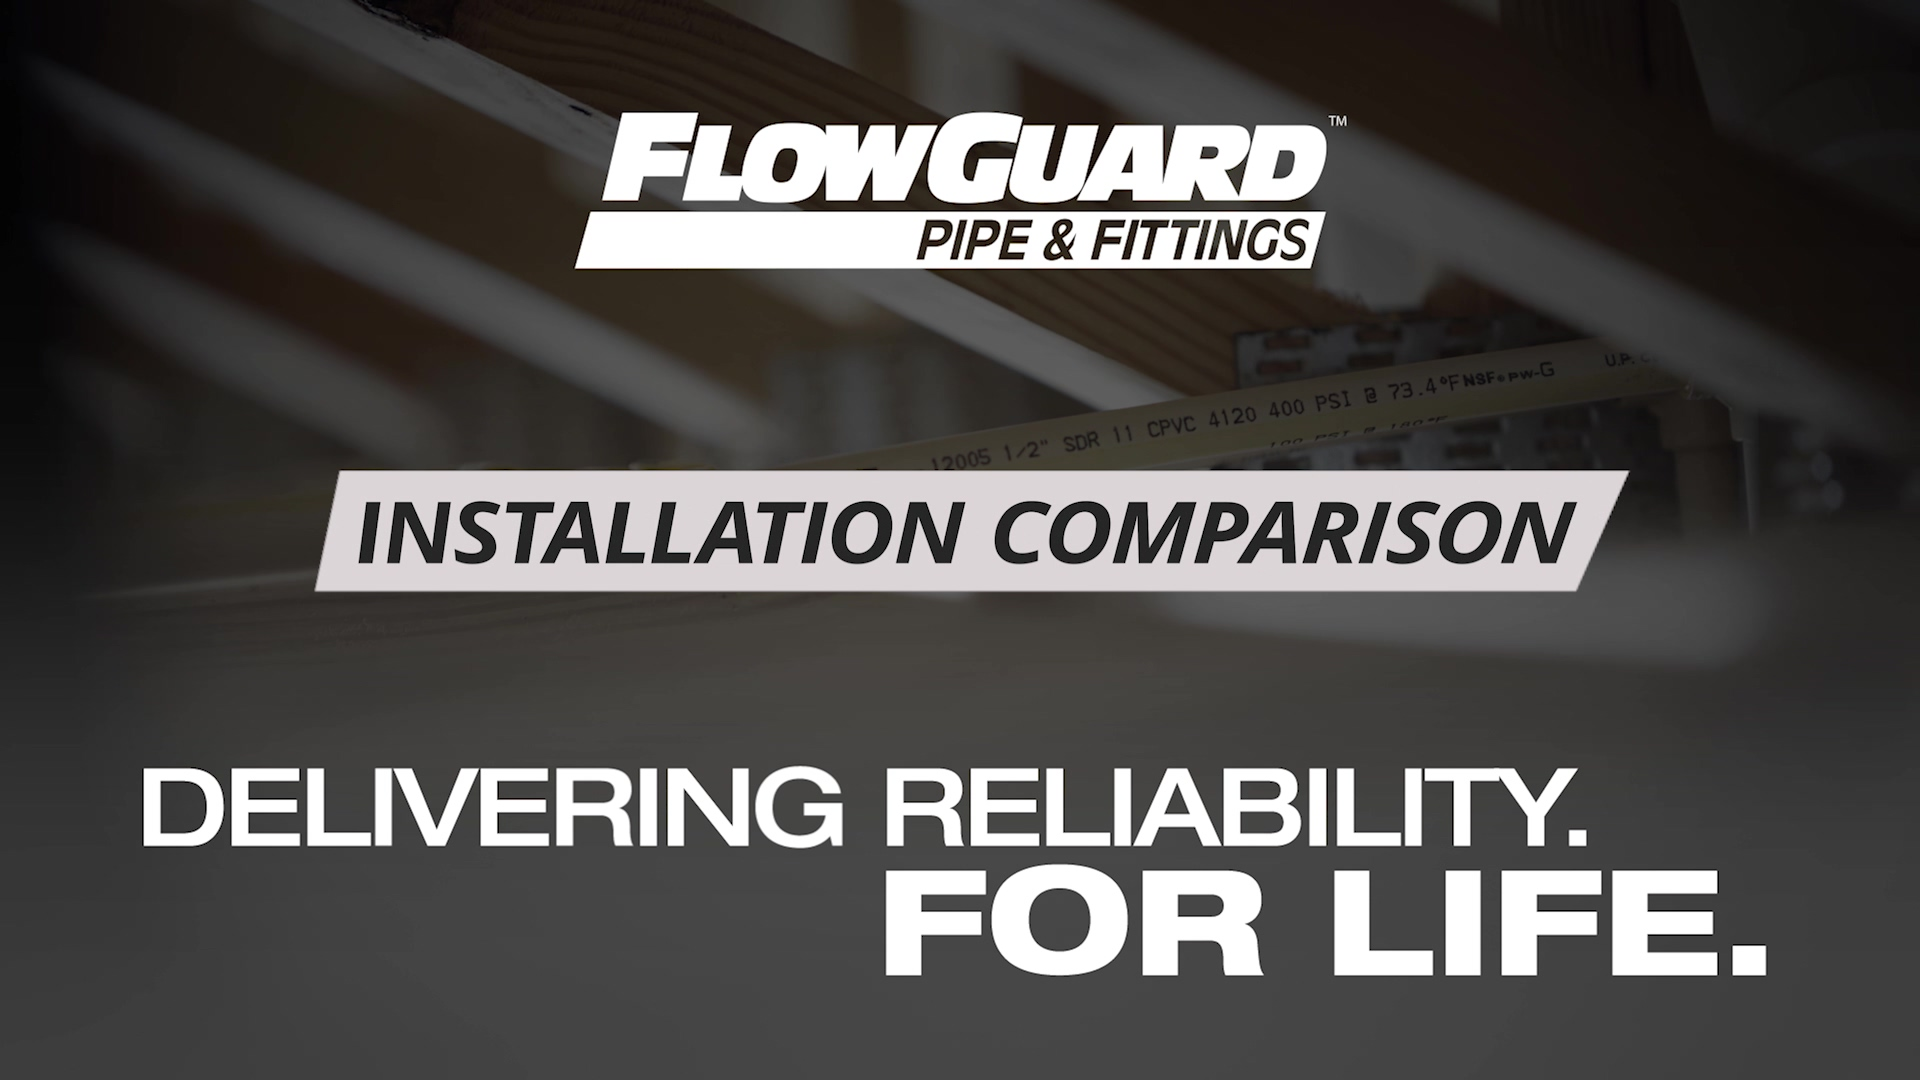 FlowGuard_Installation_Comparison_EN-AFR